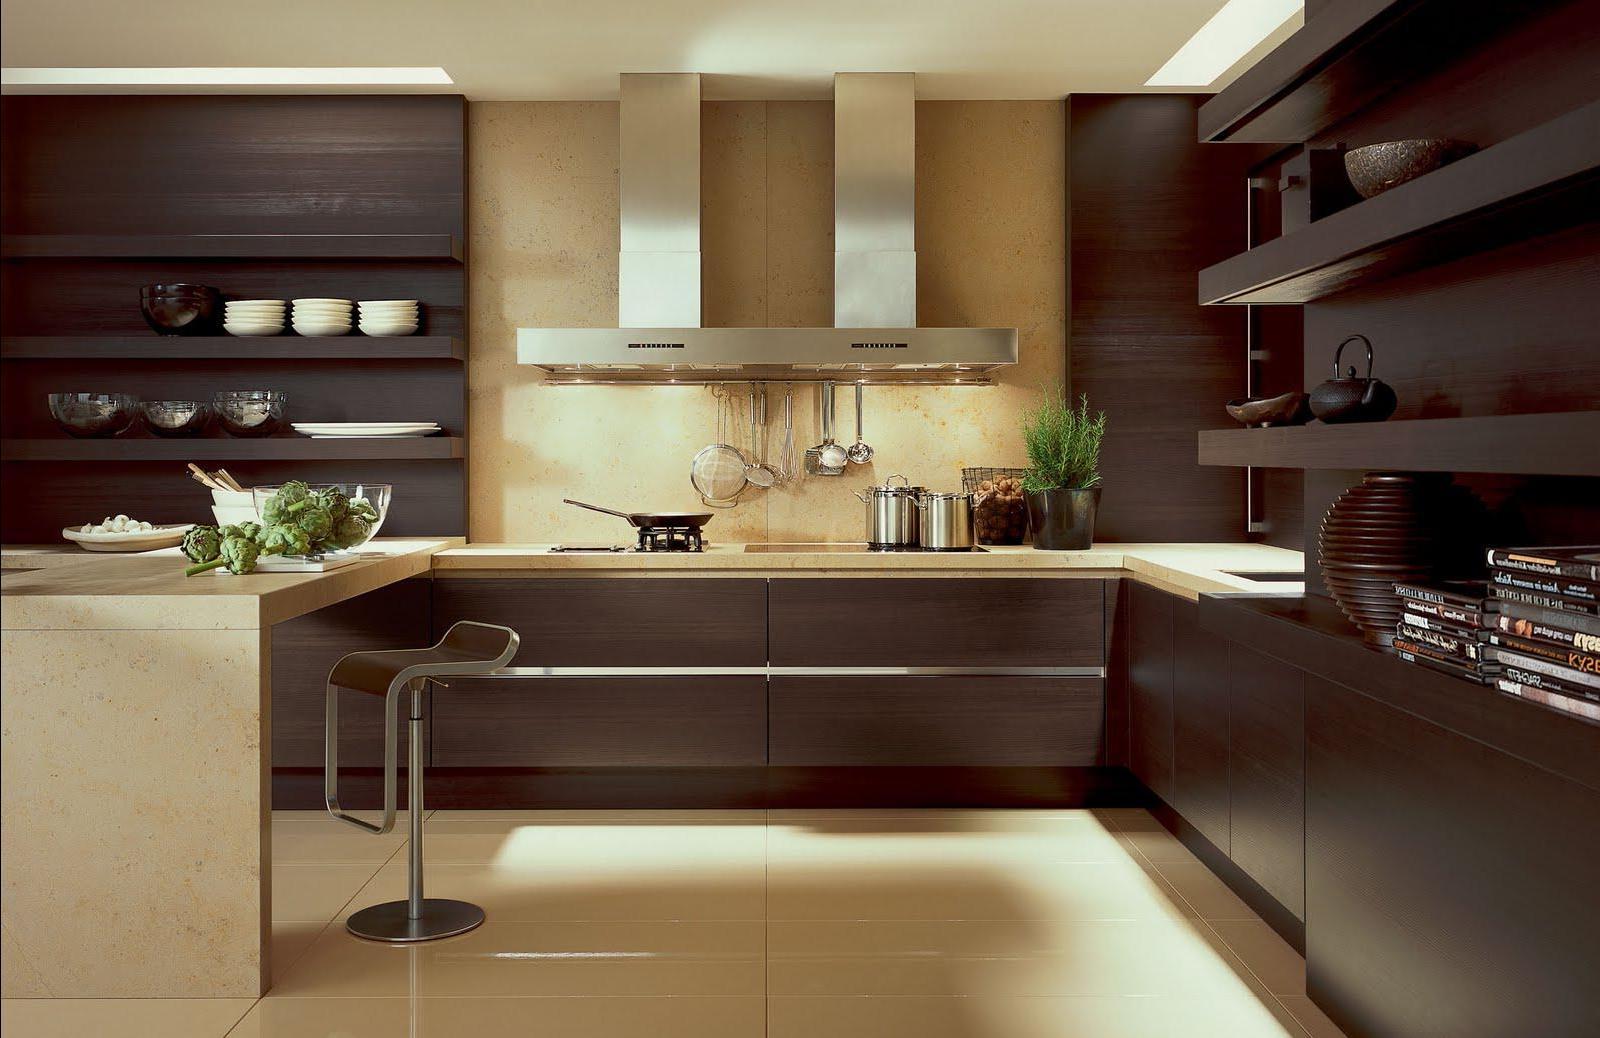 Кухня в стиле хай-тек с деревом в отделке